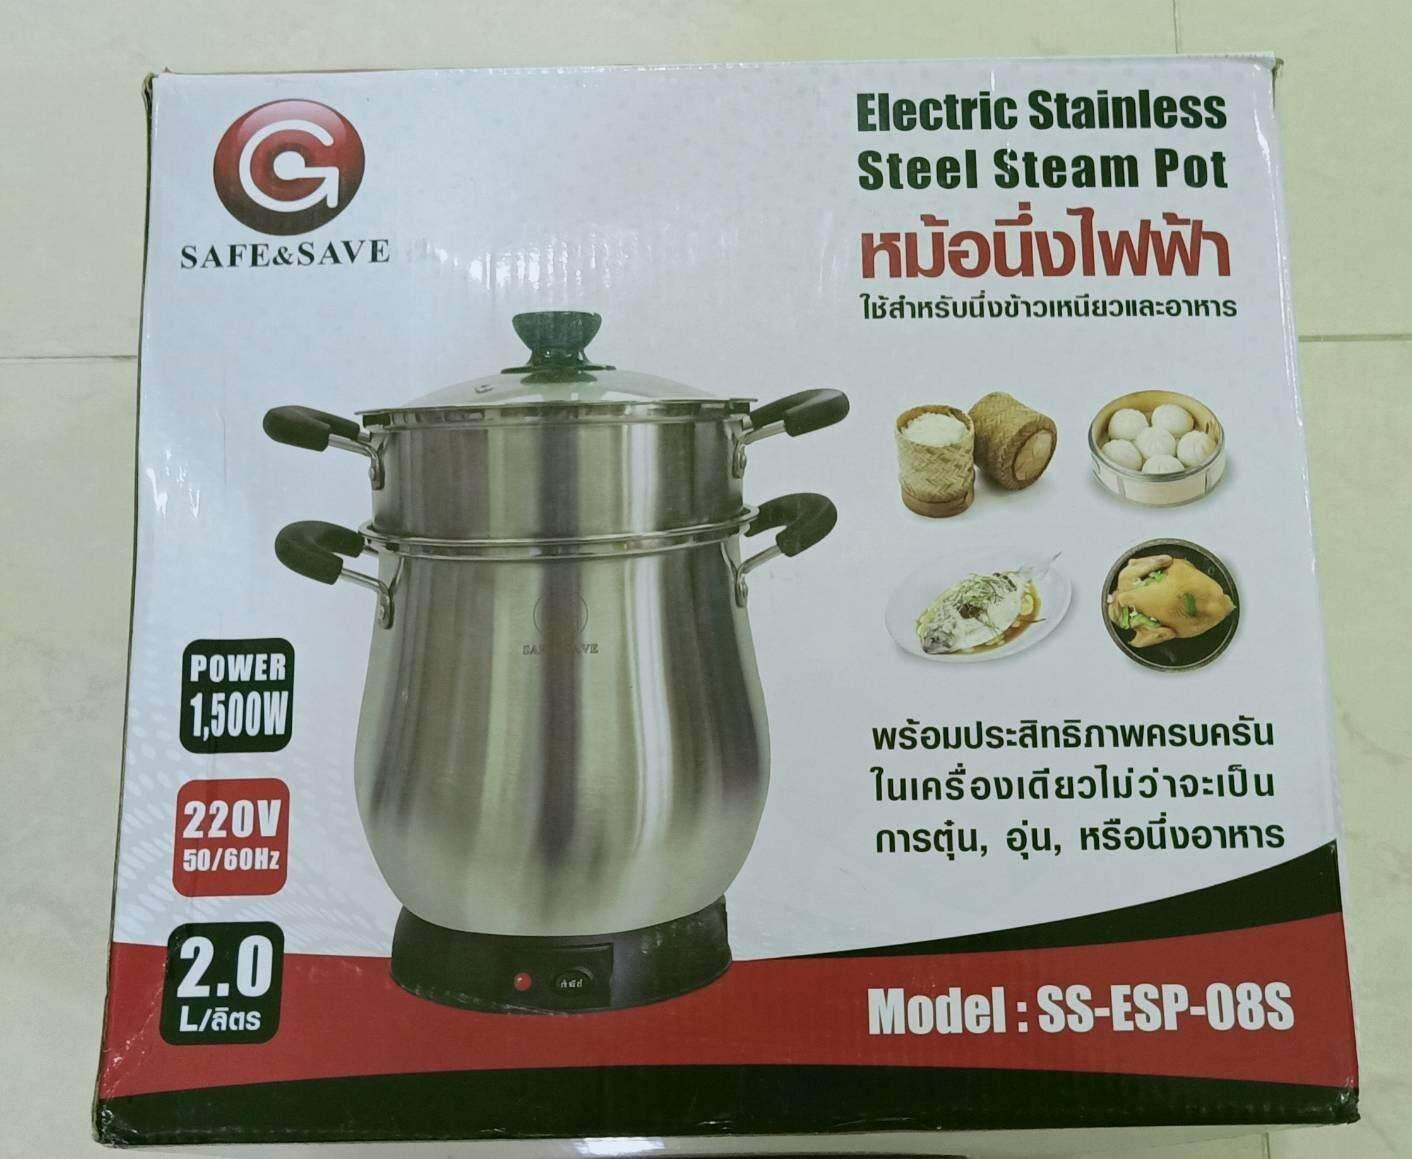 เครื่่องใช้ไฟฟ้าในครัว หม้อนึ่งข้าวเหนียวไฟฟ้า อุปกรณ์เครื่องครัว หม้อไฟฟ้า ch0072